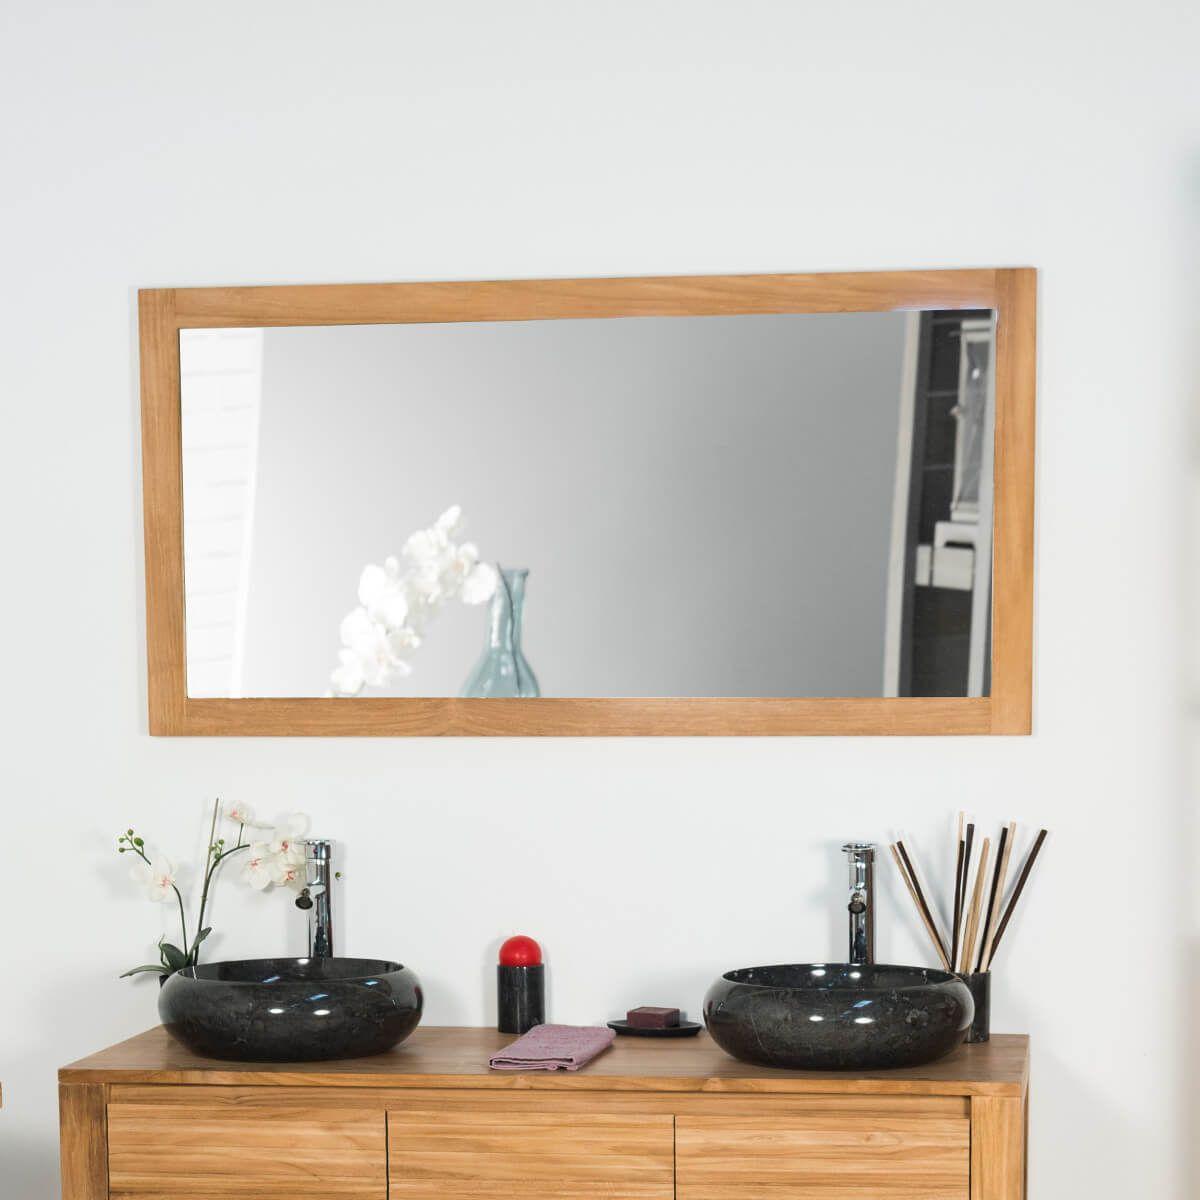 Bandeau lumineux salle de bain bon miroir salle de bain prise electrique photos gnial miroir - Miroir avec bandeau lumineux ...